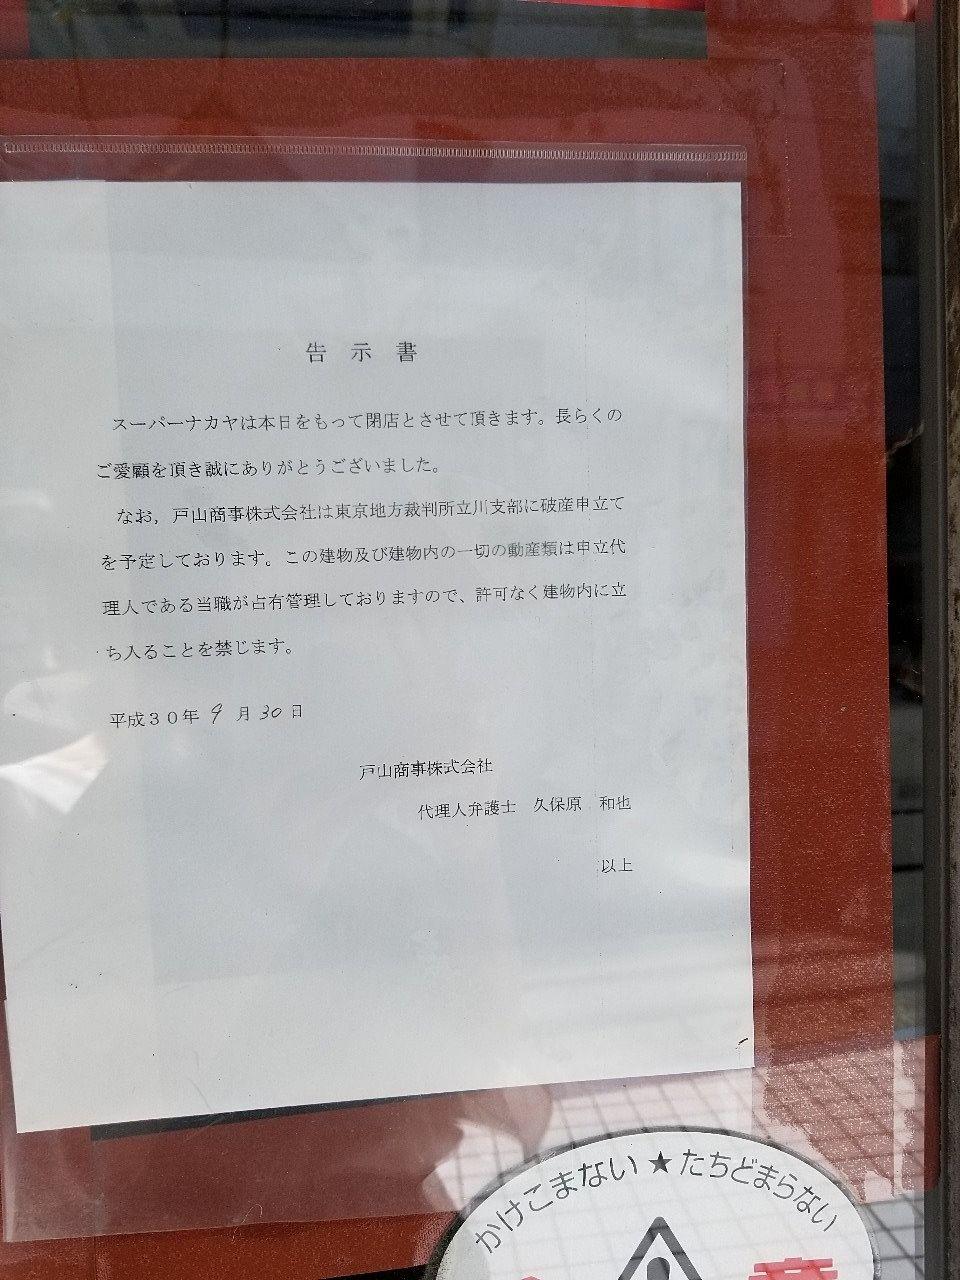 台風閉店の横に貼られたお知らせ